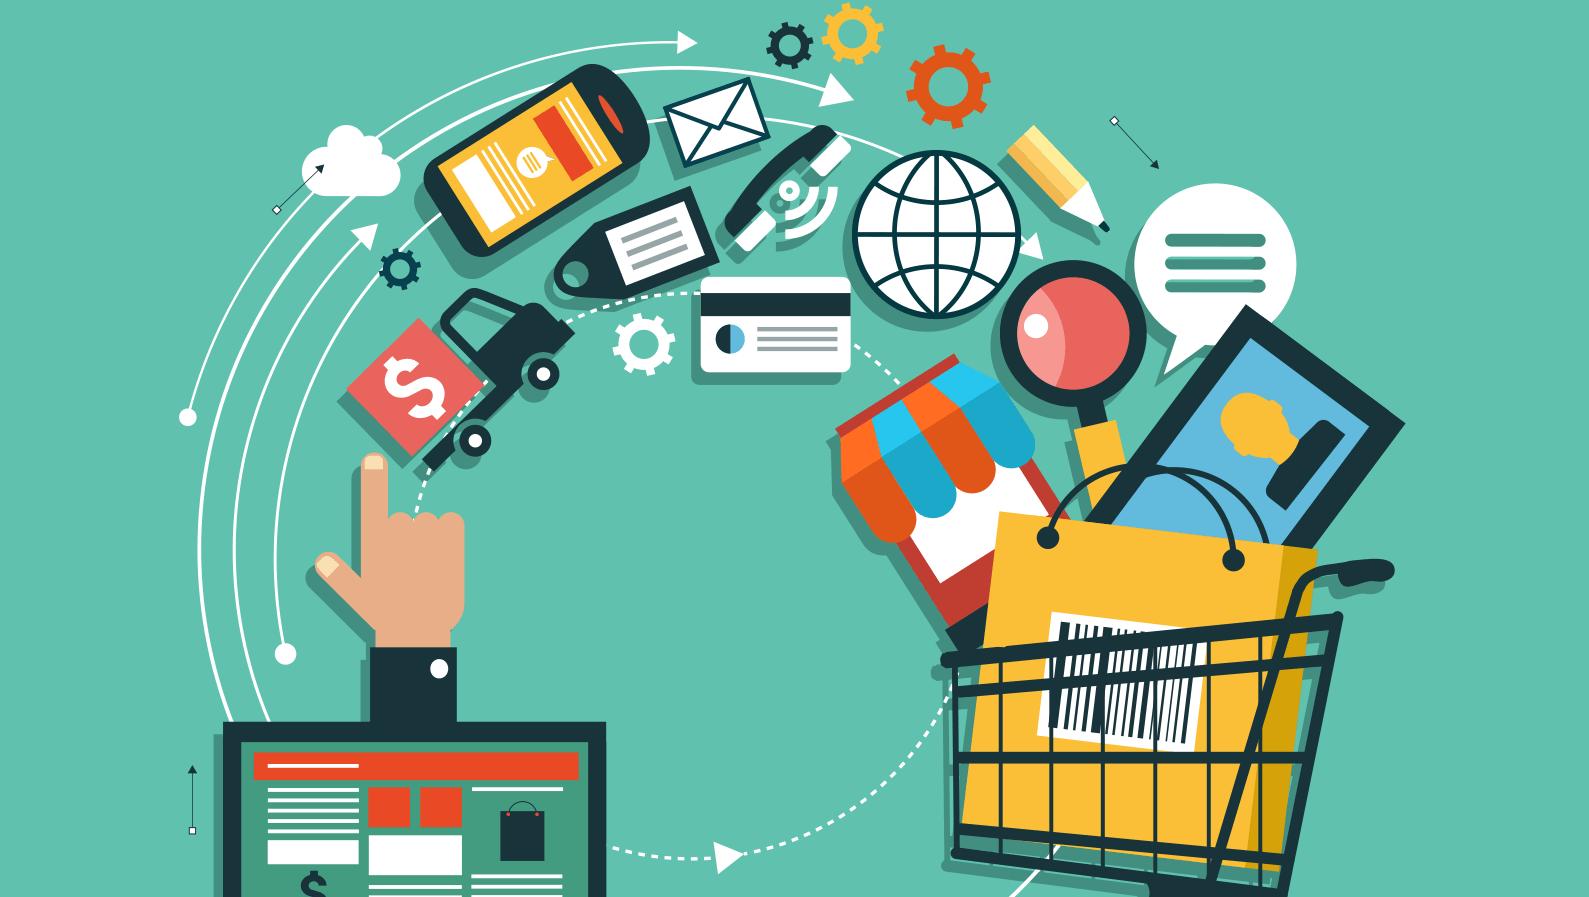 imagem de compras online para ilustrar como criar uma loja online